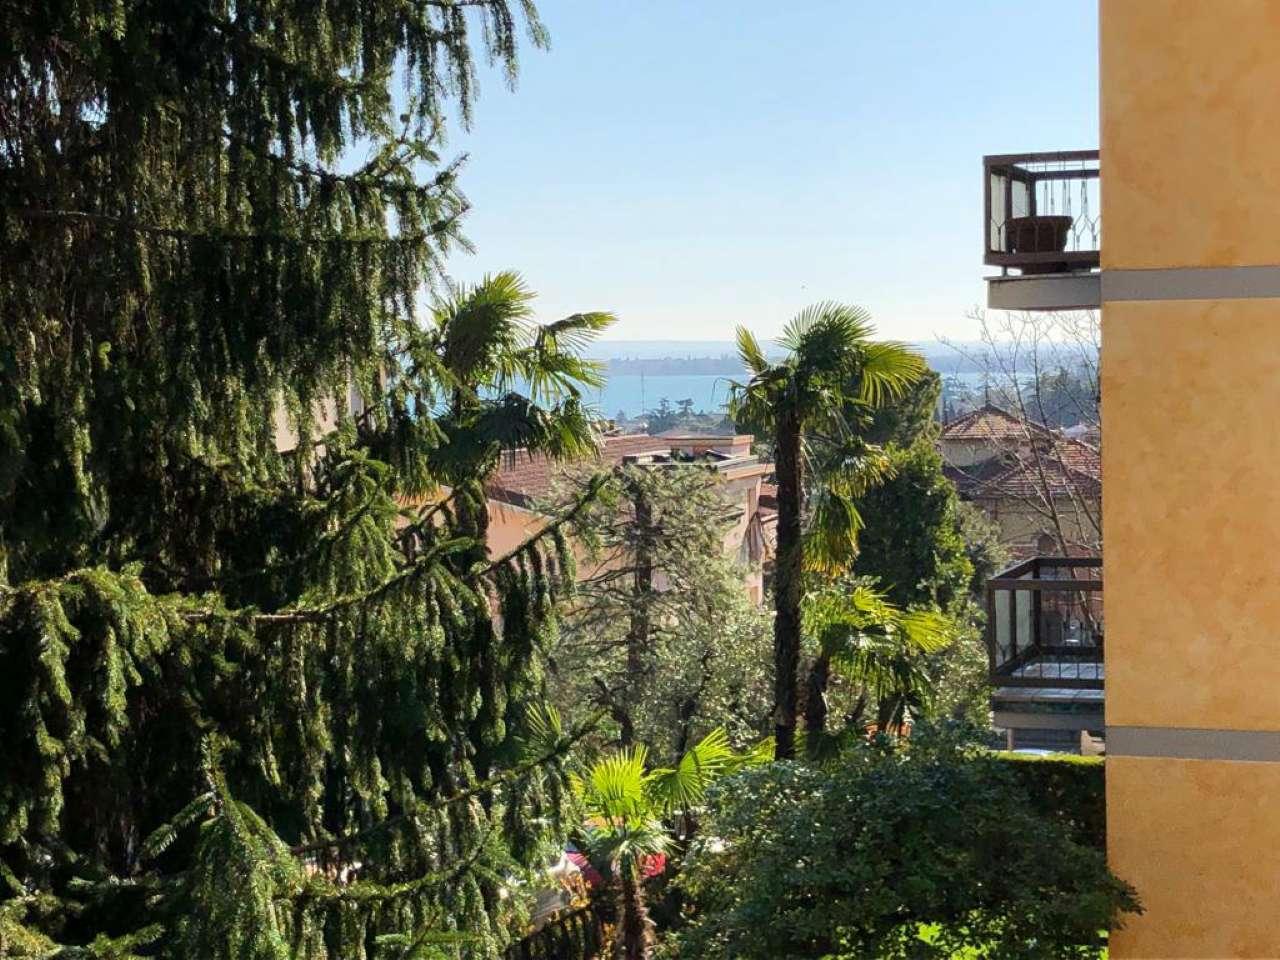 Appartamento in vendita a Desenzano del Garda, 3 locali, prezzo € 179.000 | PortaleAgenzieImmobiliari.it